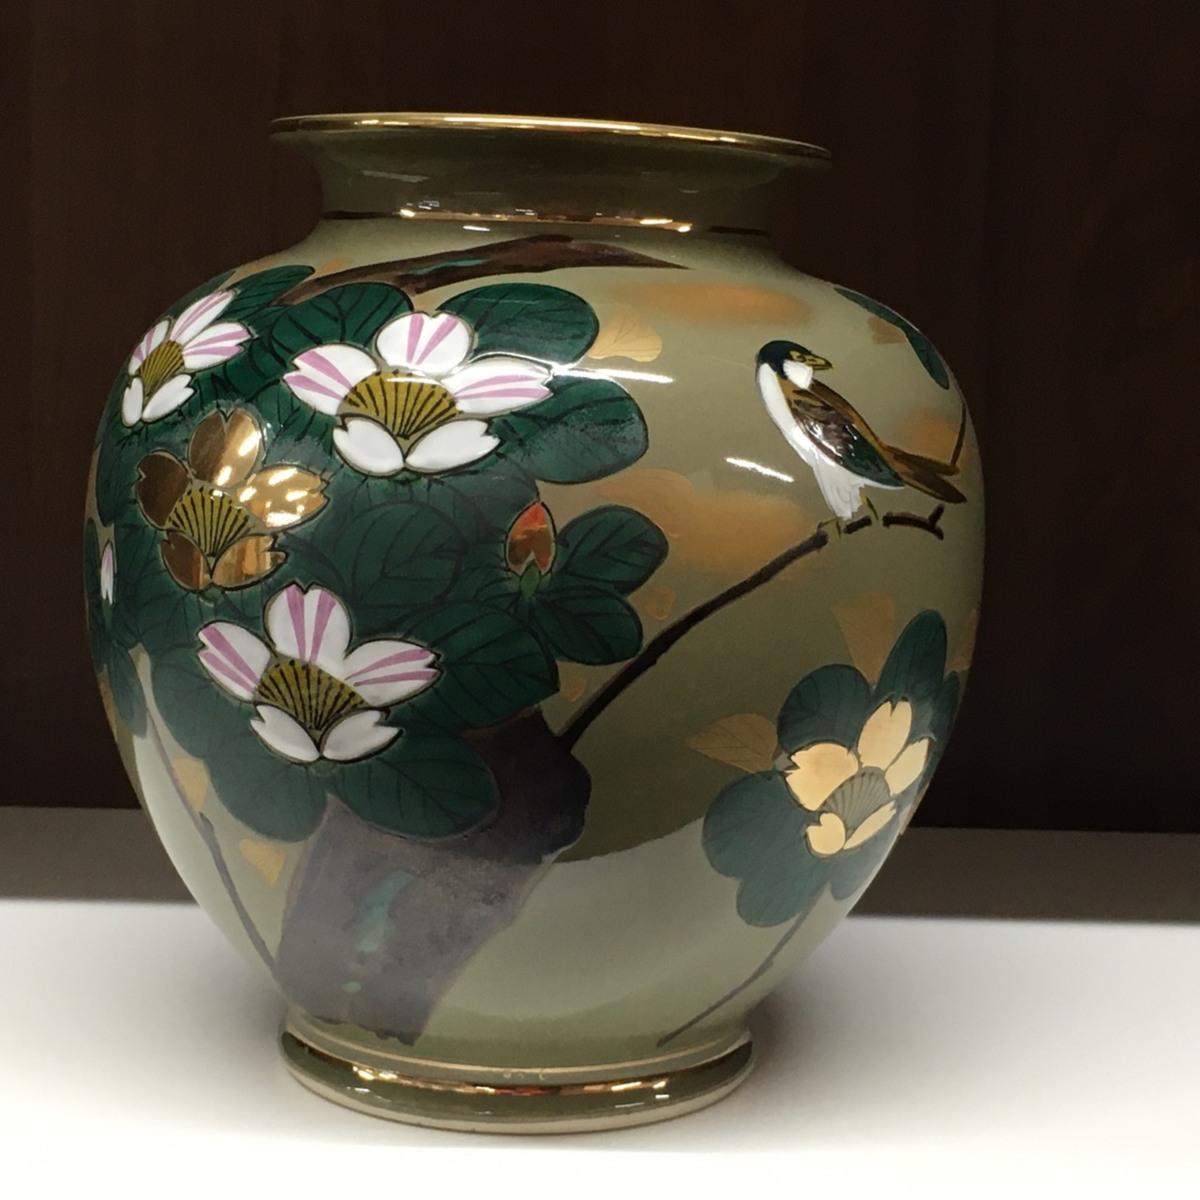 ■九谷焼 花瓶 高さ約24cm /中古品 フラワーベース 花入 インテリア ⇔■_画像3